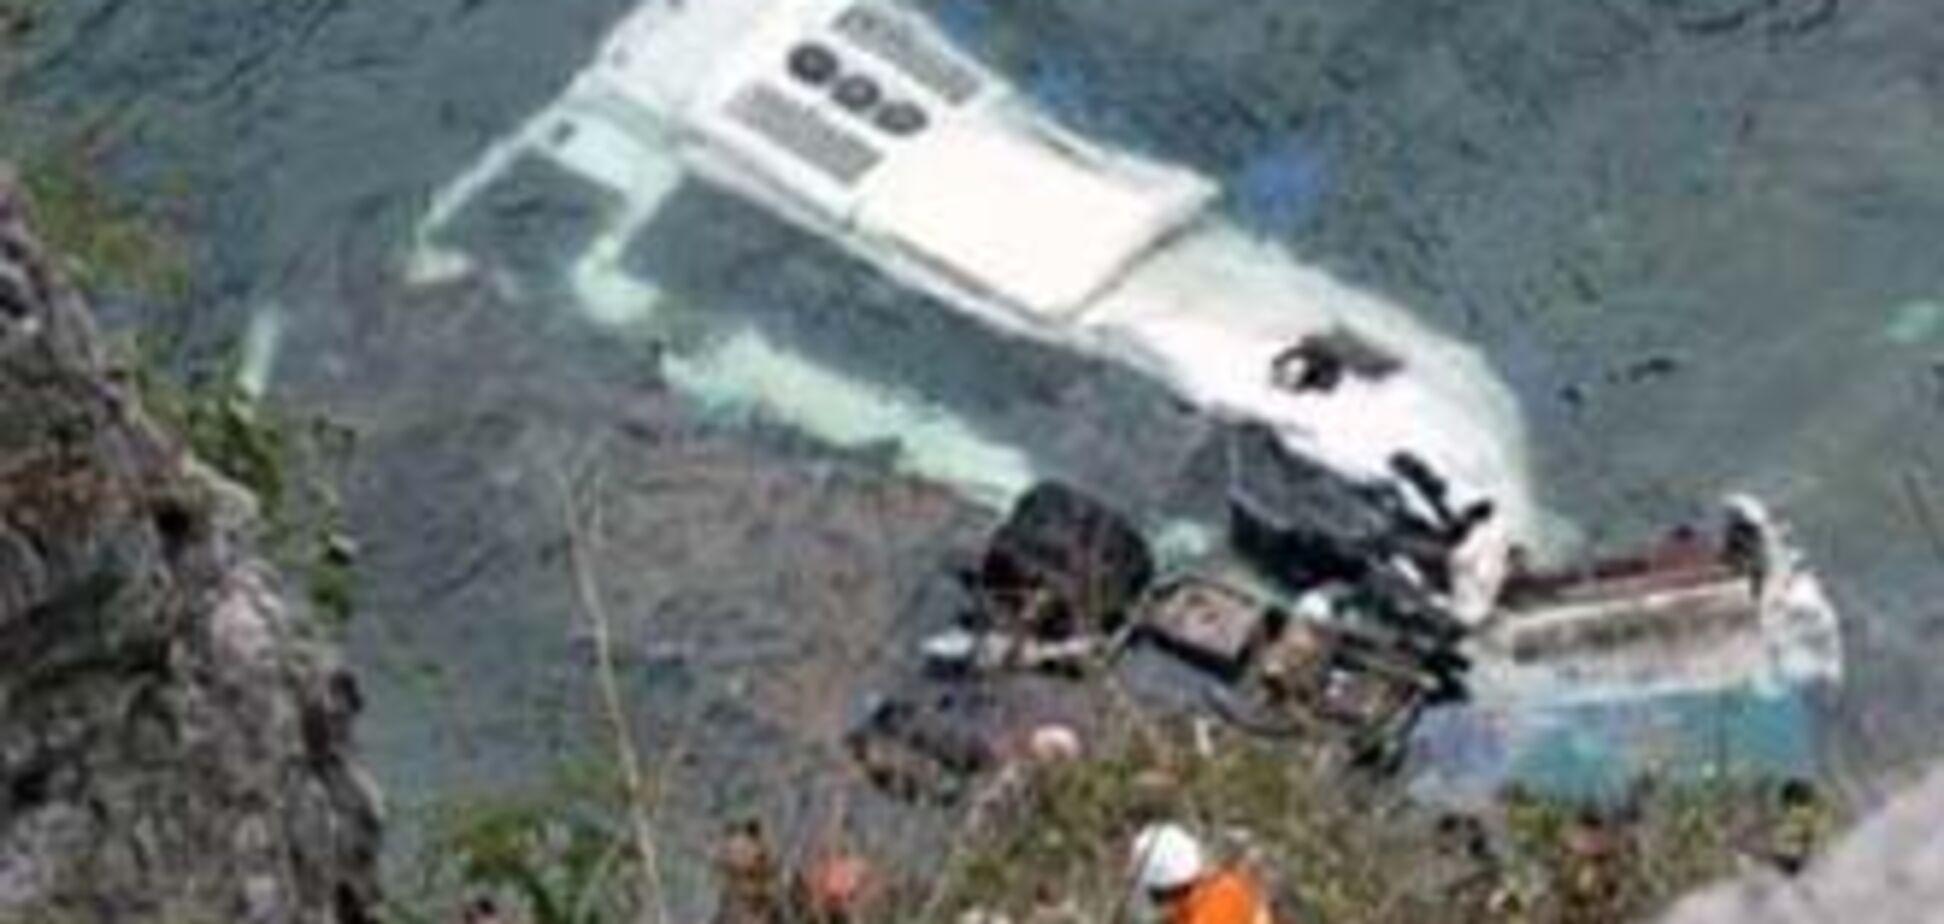 Пассажирский автобус упал в реку, 35 человек погибли